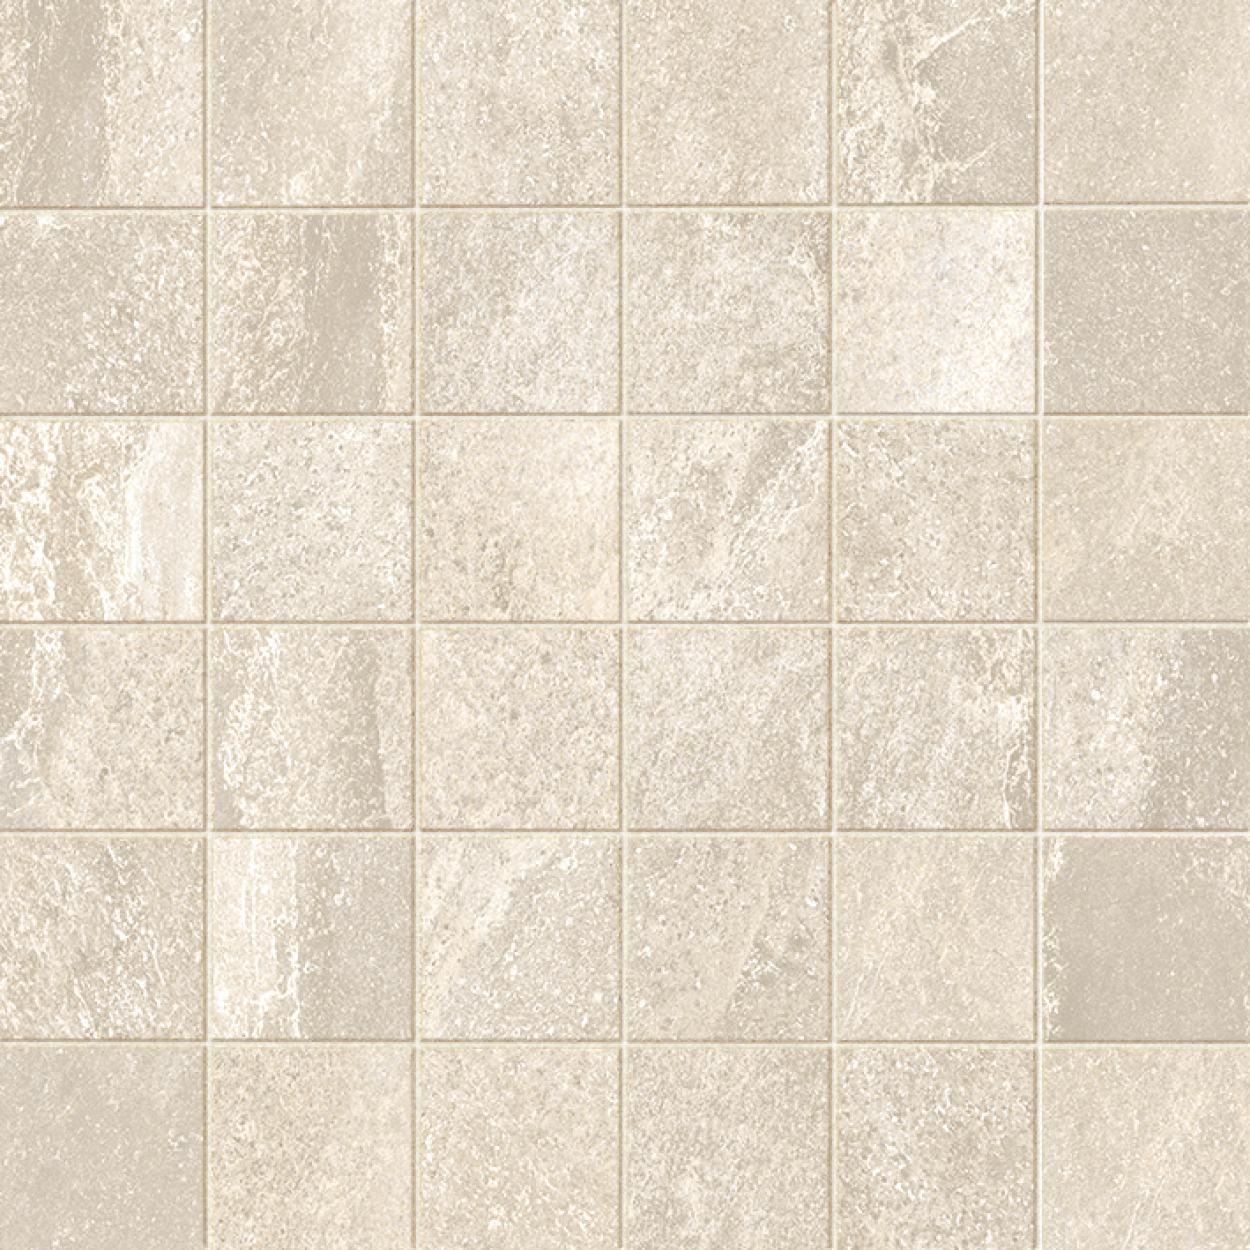 2 x 2 Board Paper mosaic